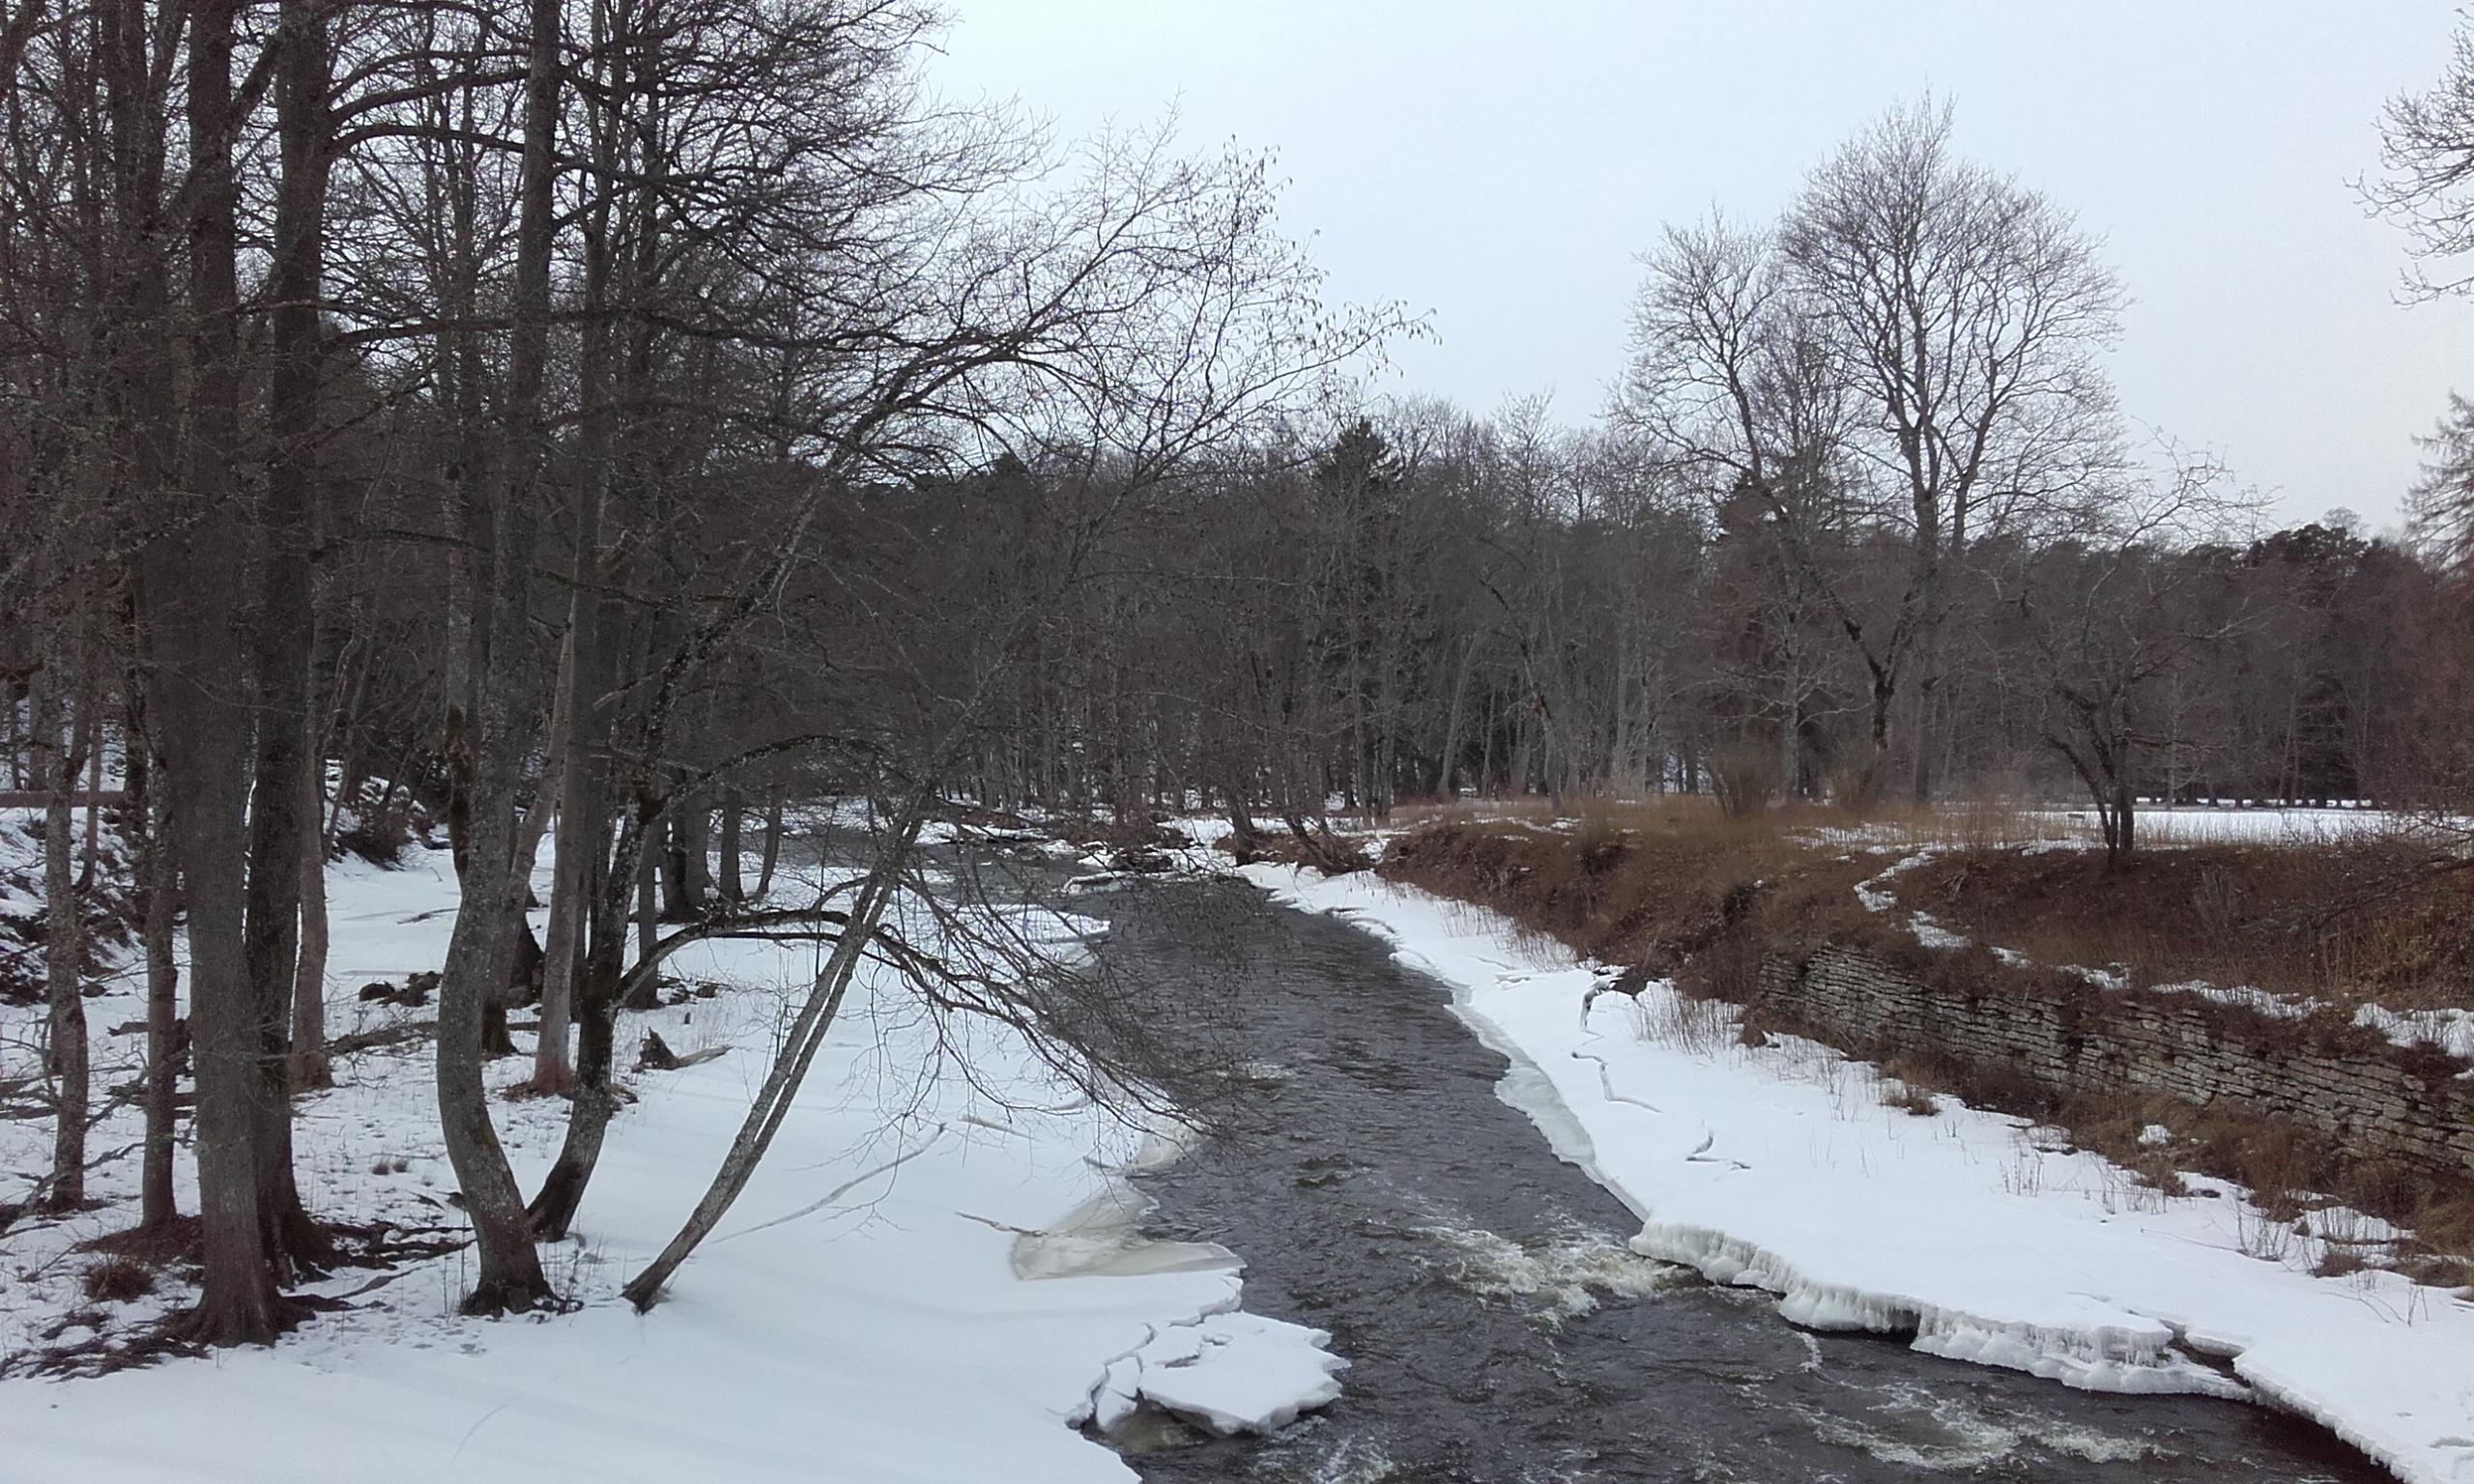 Caminando por el borde del río